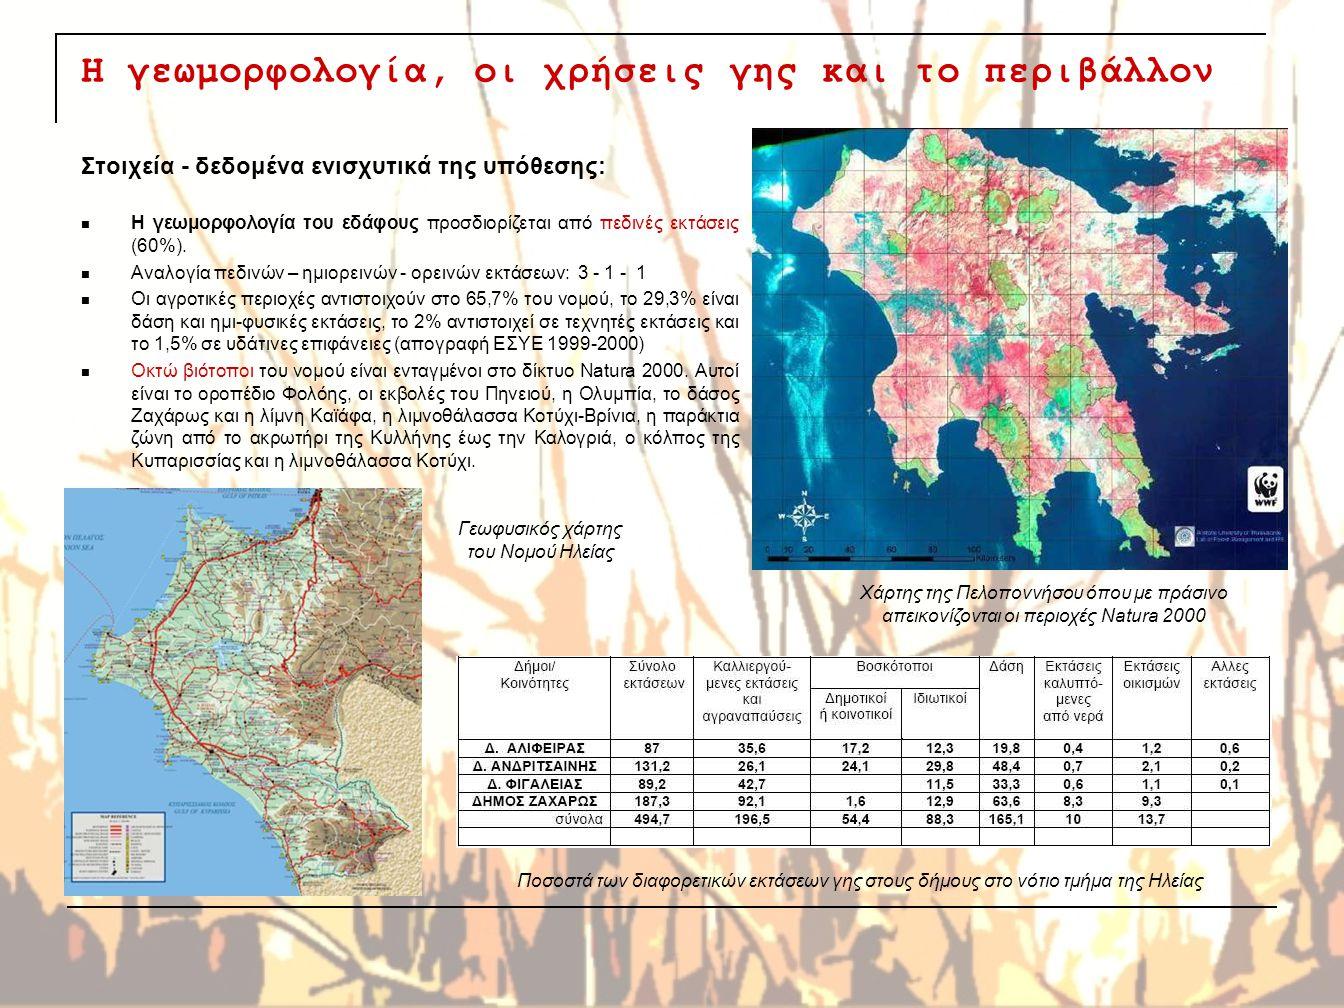 Η γεωμορφολογία, οι χρήσεις γης και το περιβάλλον Στοιχεία - δεδομένα ενισχυτικά της υπόθεσης: Η γεωμορφολογία του εδάφους προσδιορίζεται από πεδινές